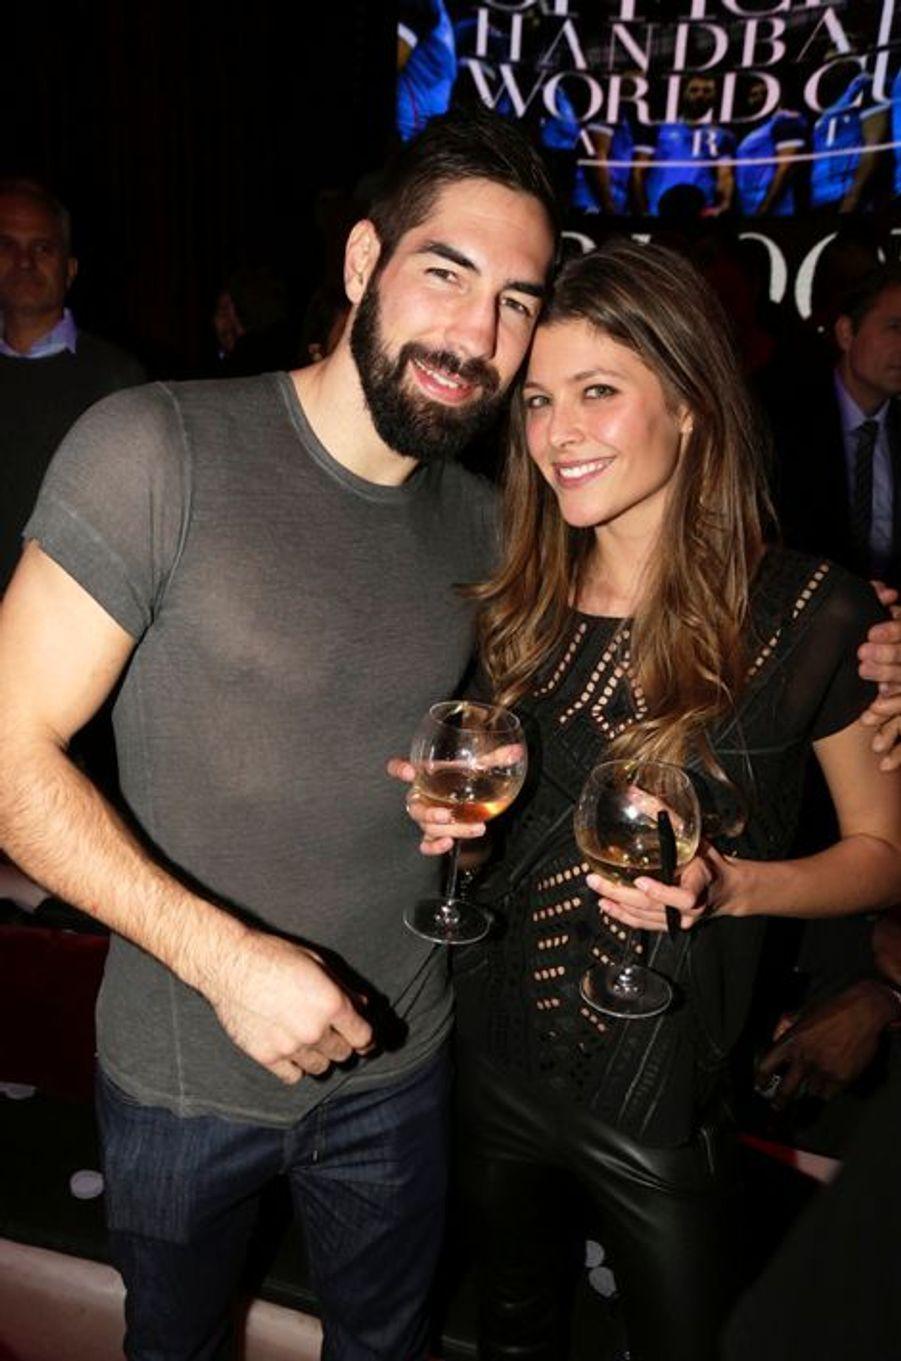 Le handballeur Nikola Karabatic et sa compagne, Géraldine Pillet, attendent leur premier enfant. Le bébé est prévu pour avril 2016.